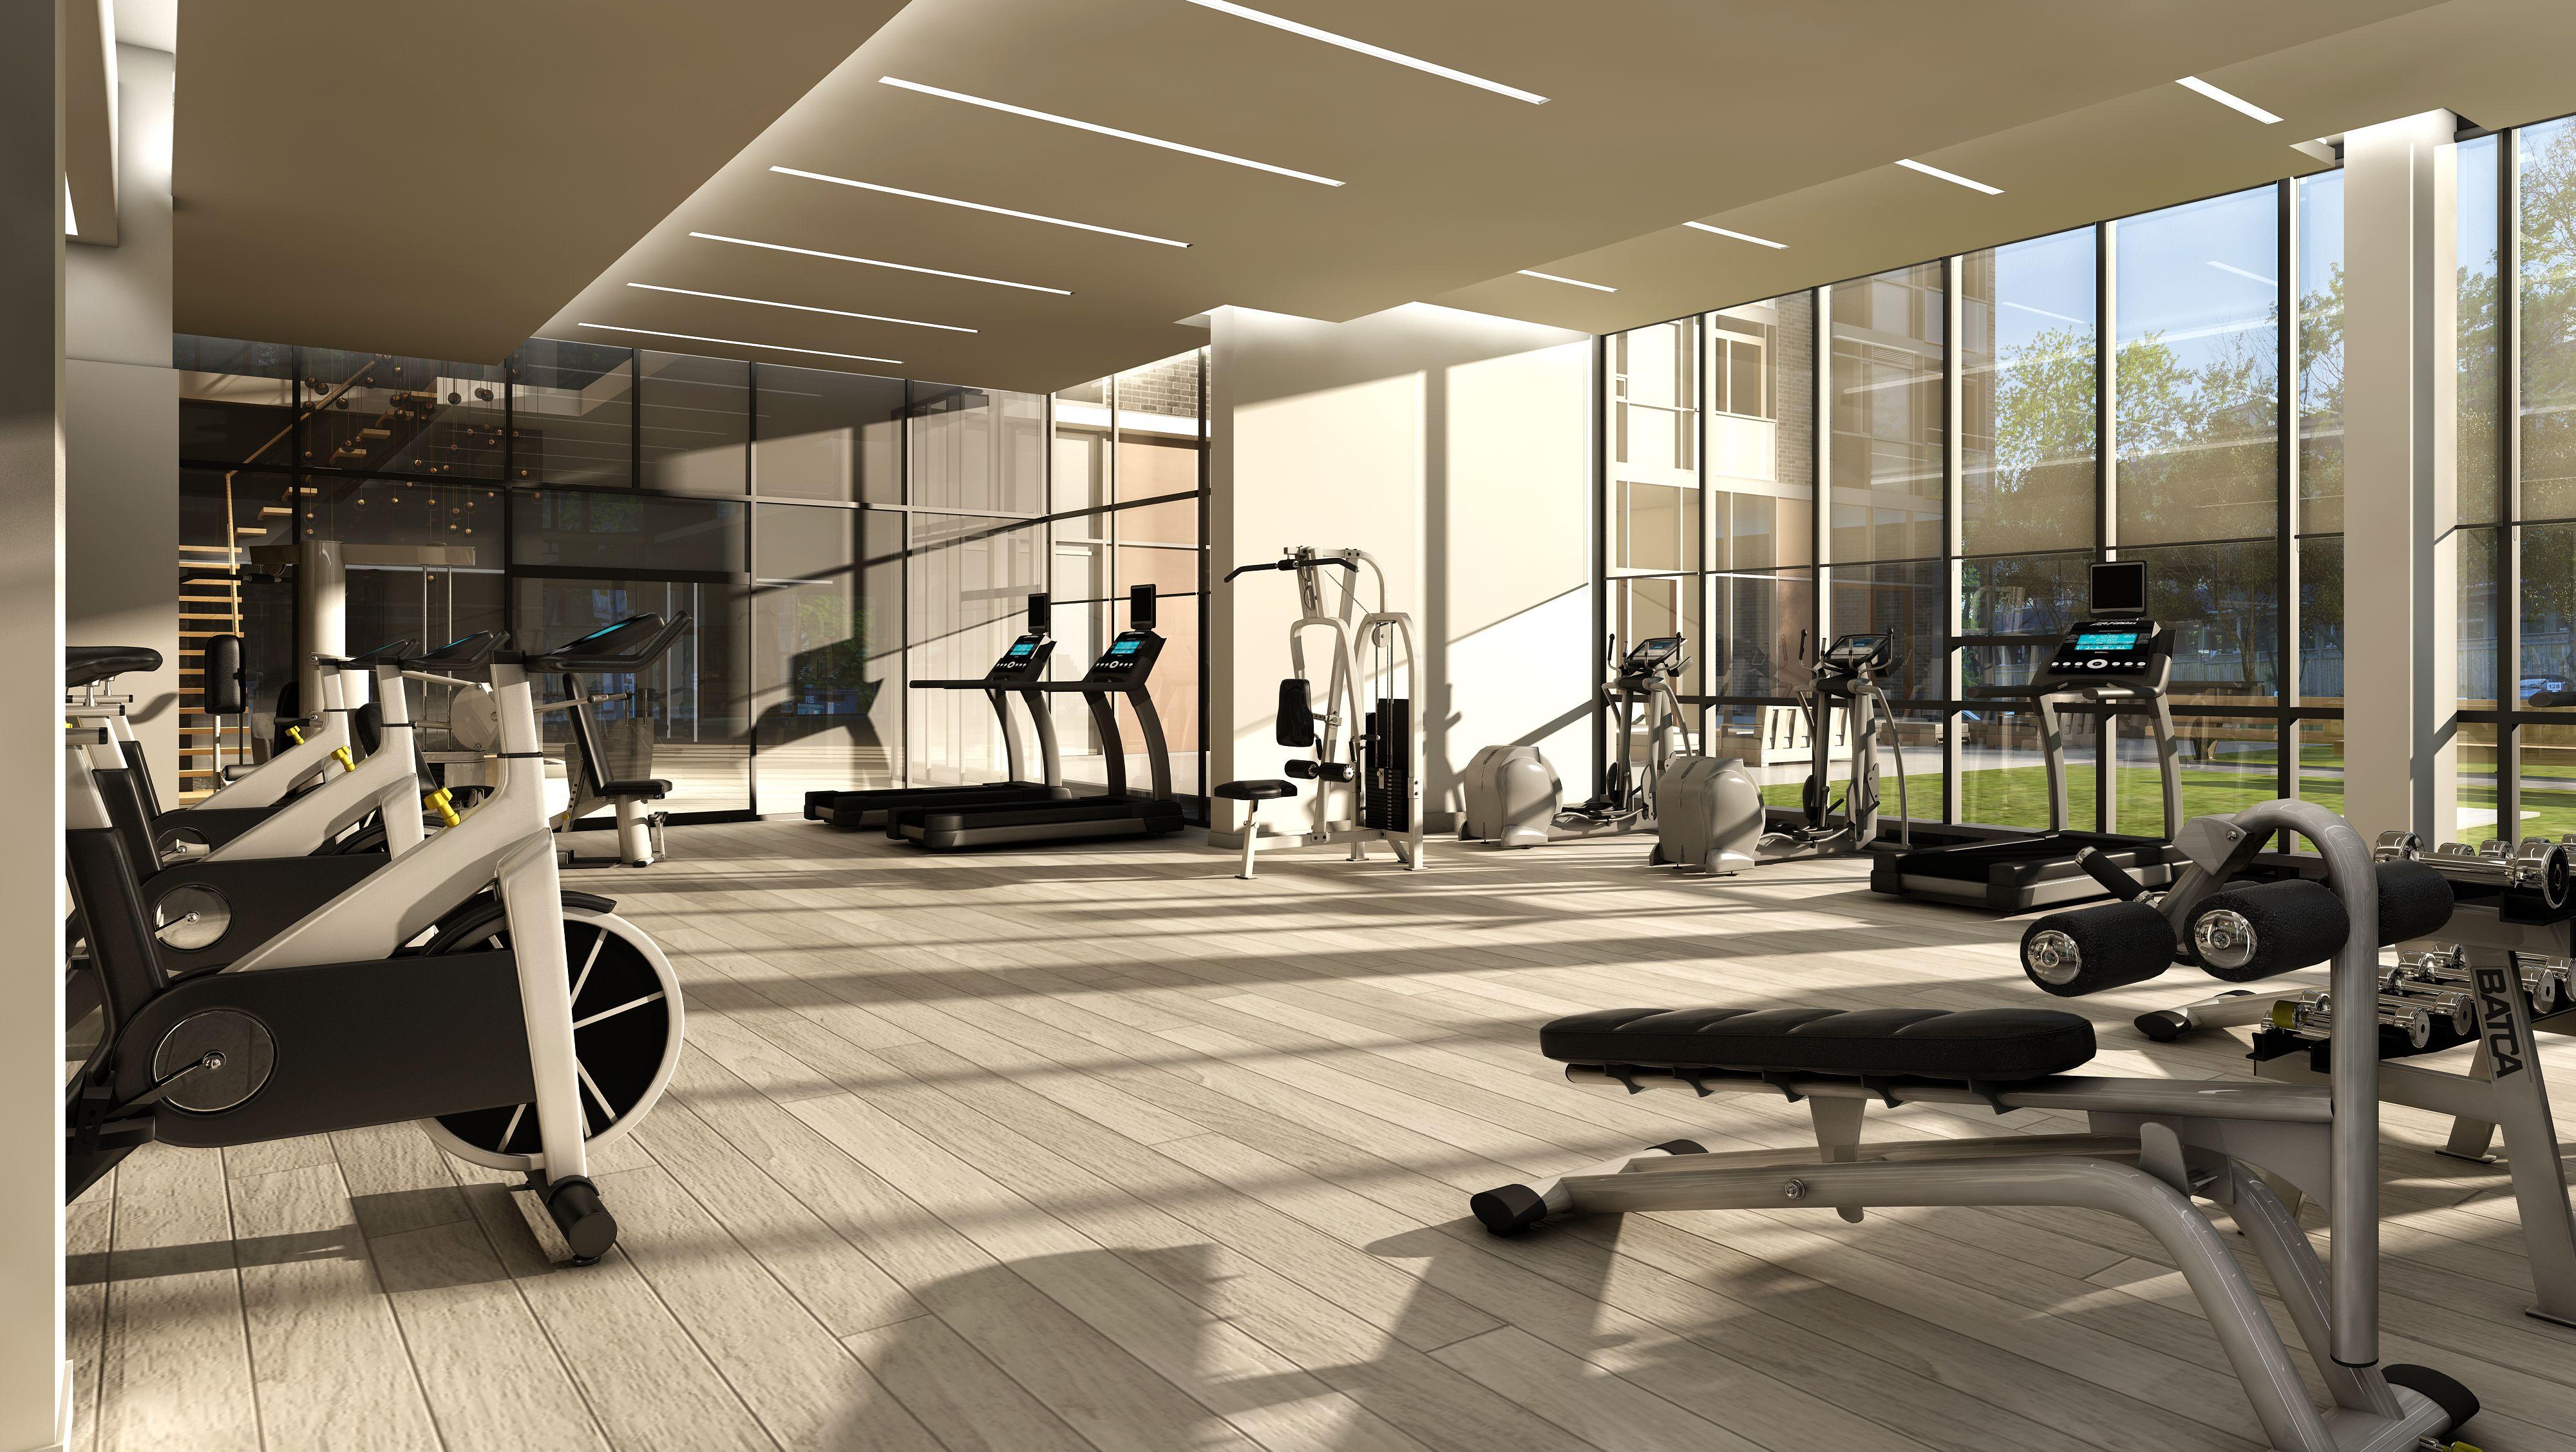 The Fitness Centre At 101 Erskine Gym Interior Gym Room Gym Design